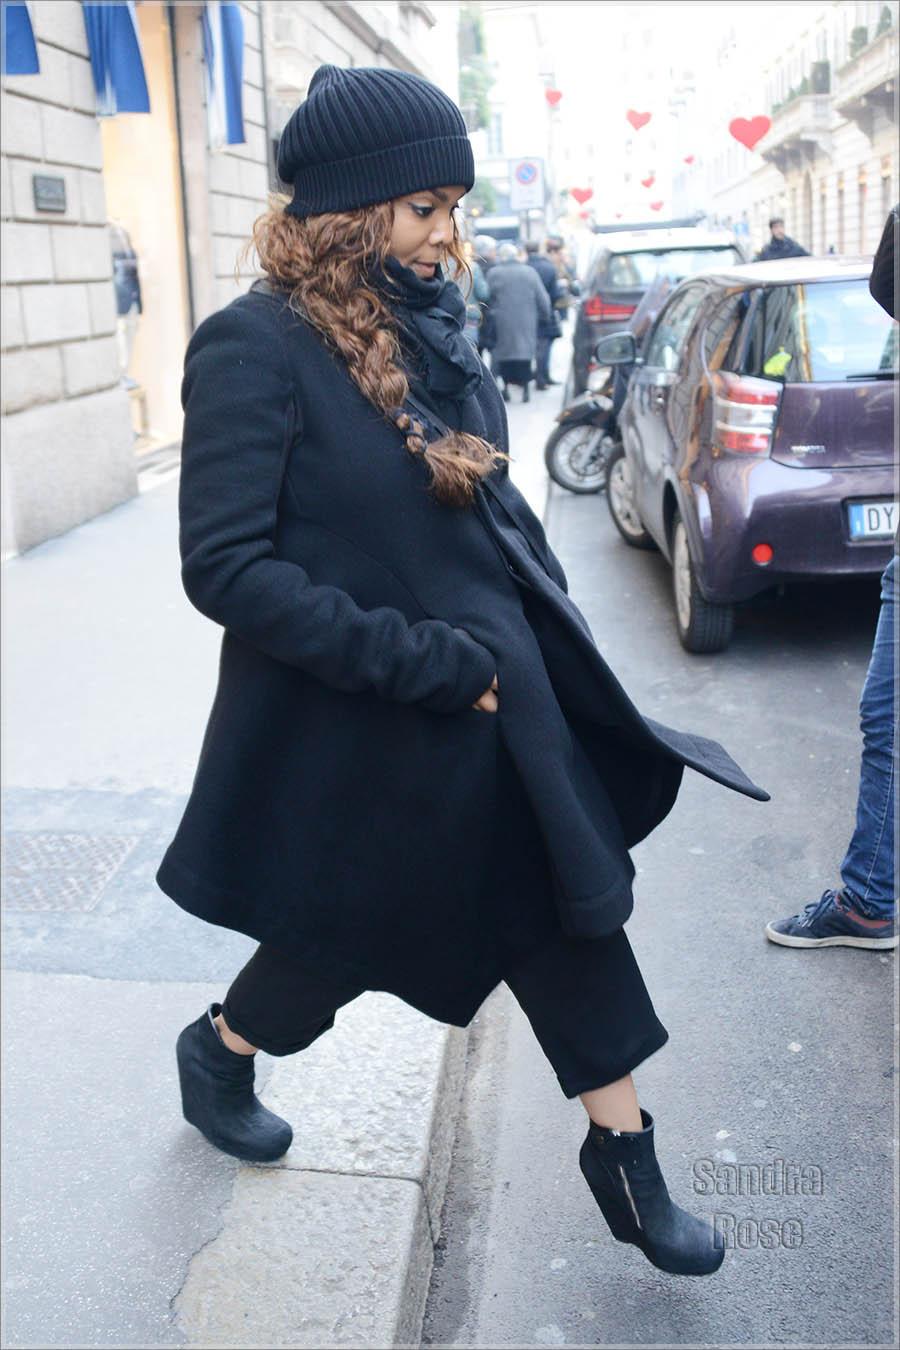 Janet Jackson shopping at Giuseppe Zanottii